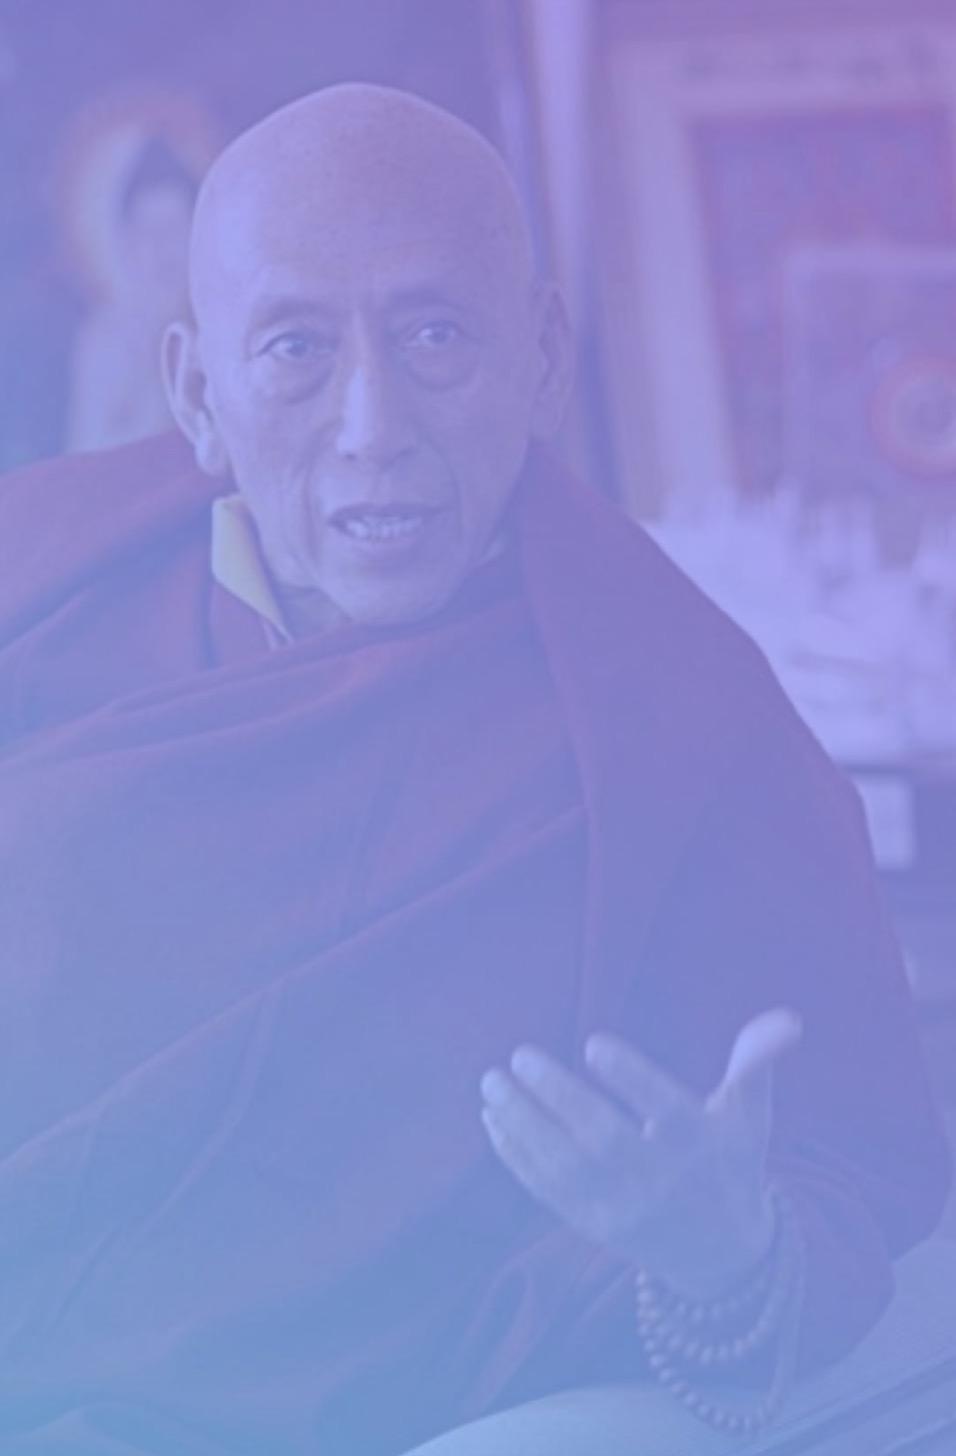 Samdhong Rinpoche, Tibetan buddhist monk, practicing mindfulness, counselor of the Dalai Lama